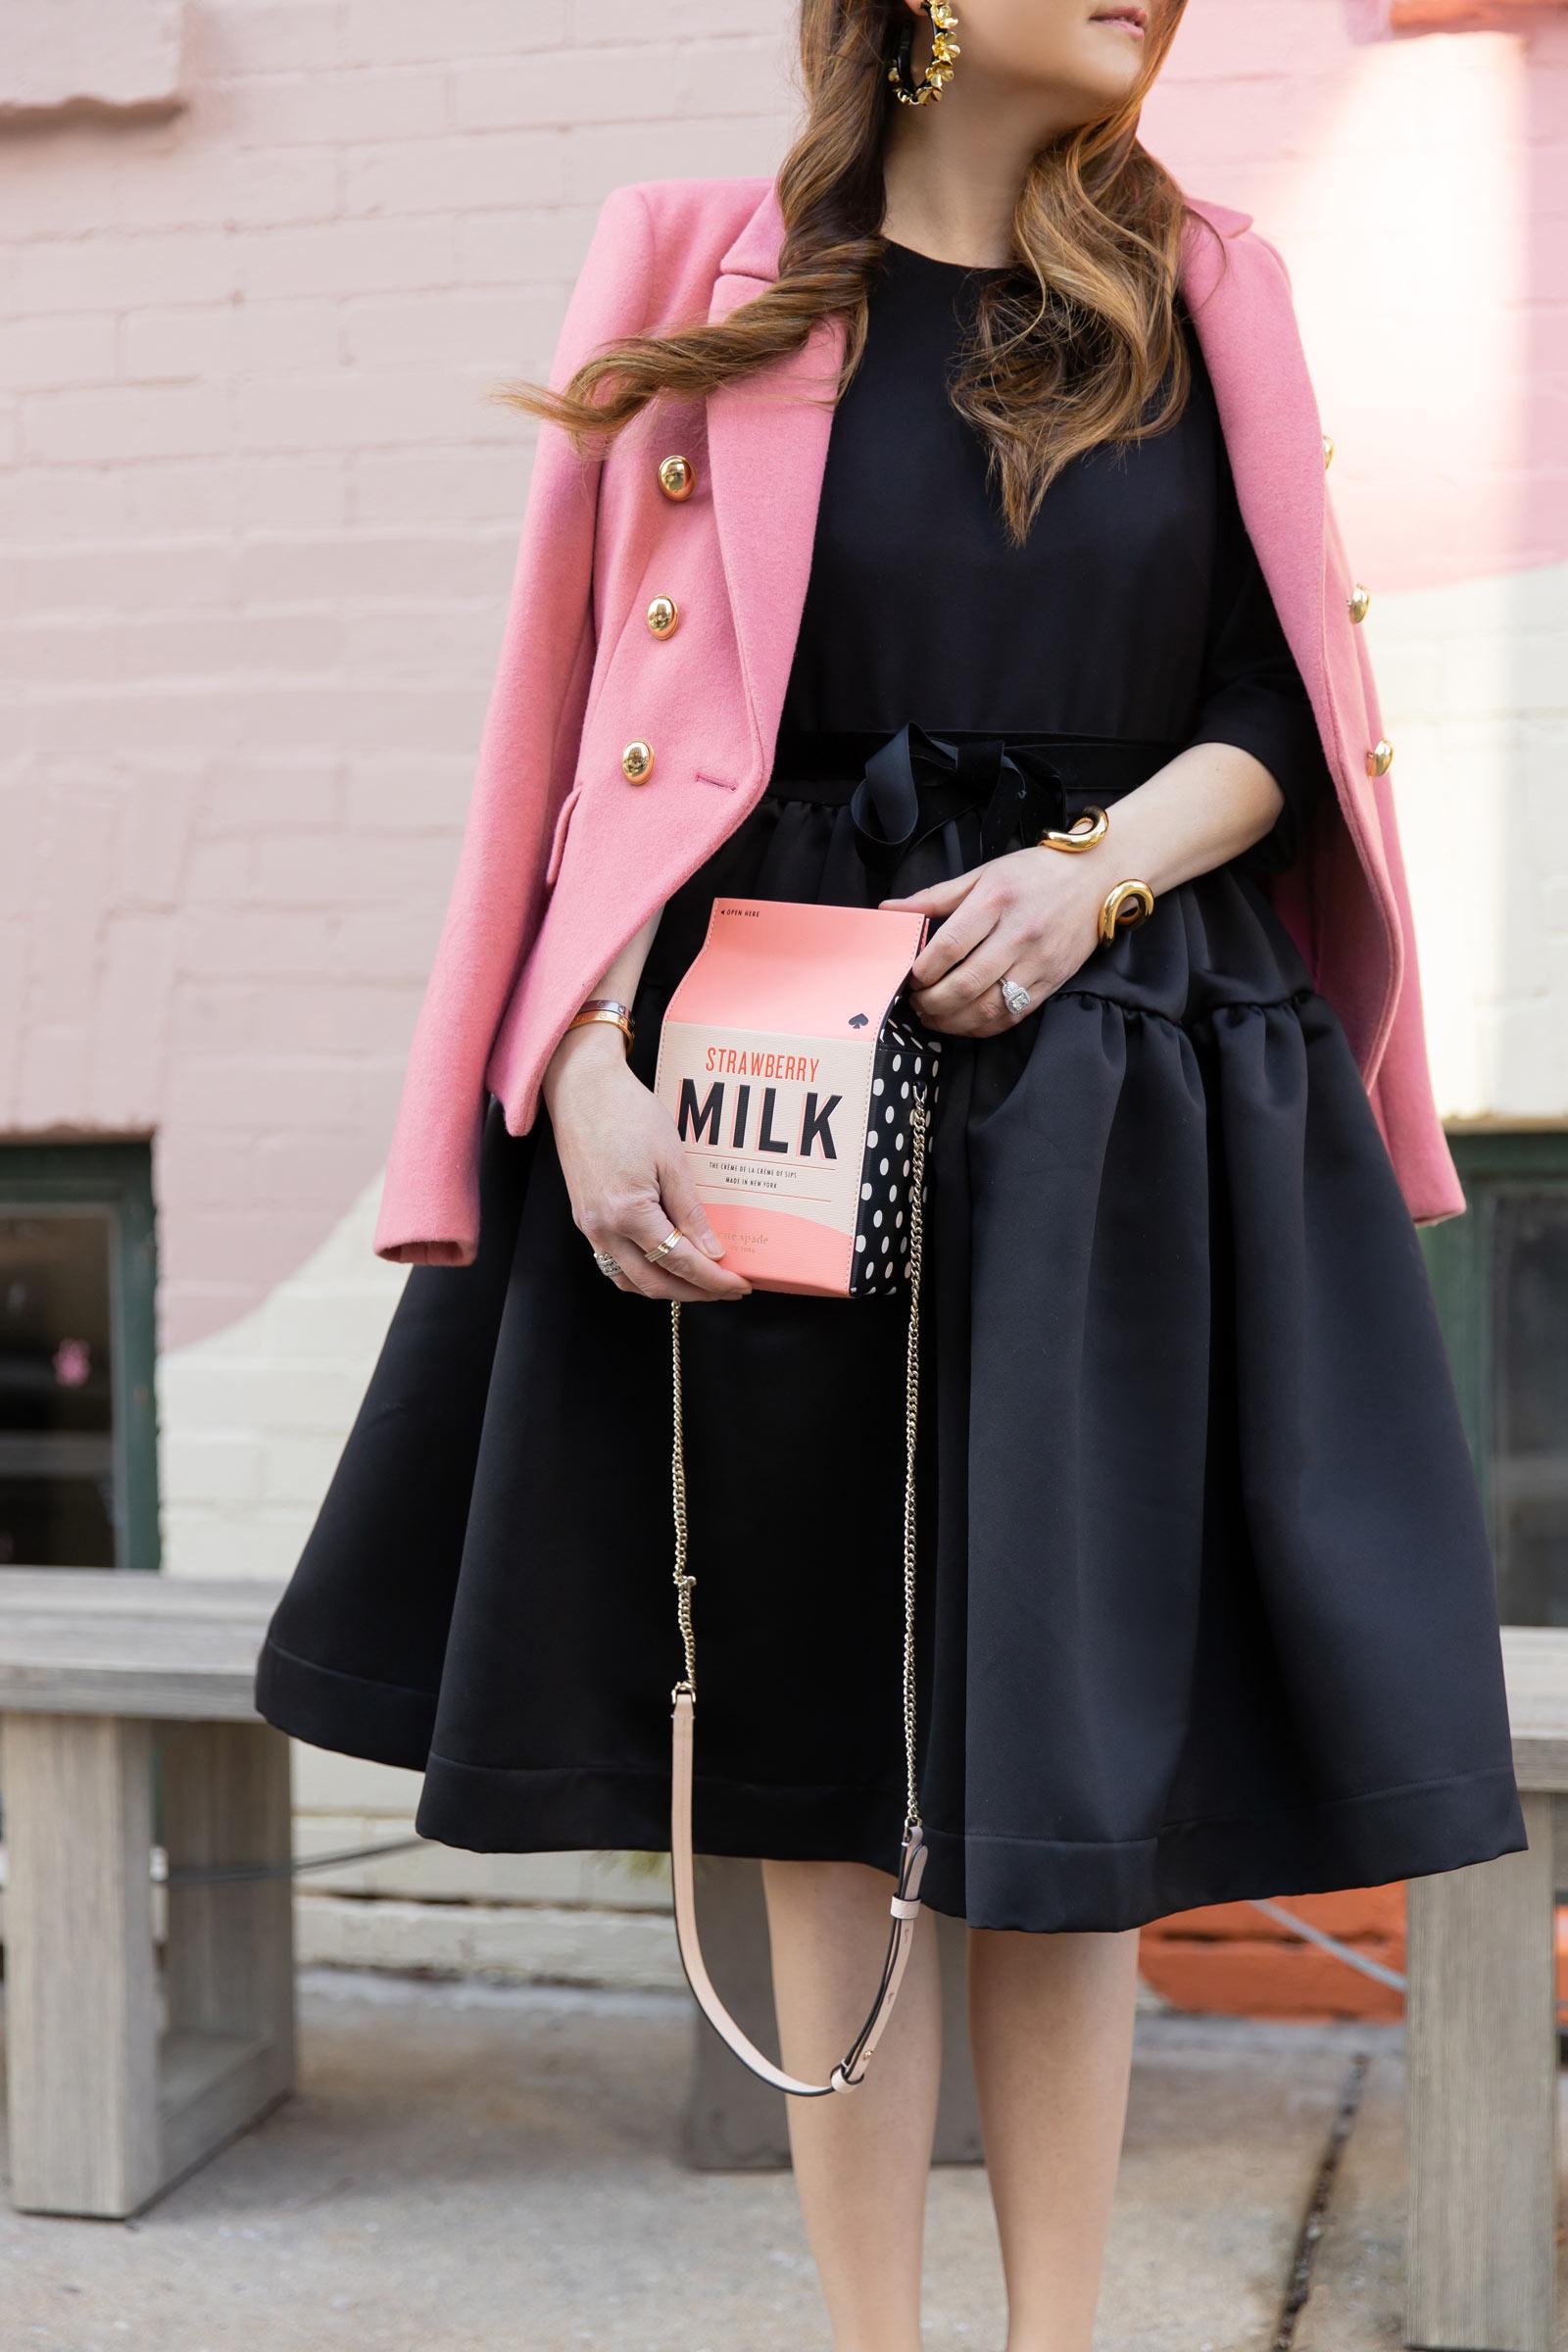 Kate Spade Milk Novelty Bag